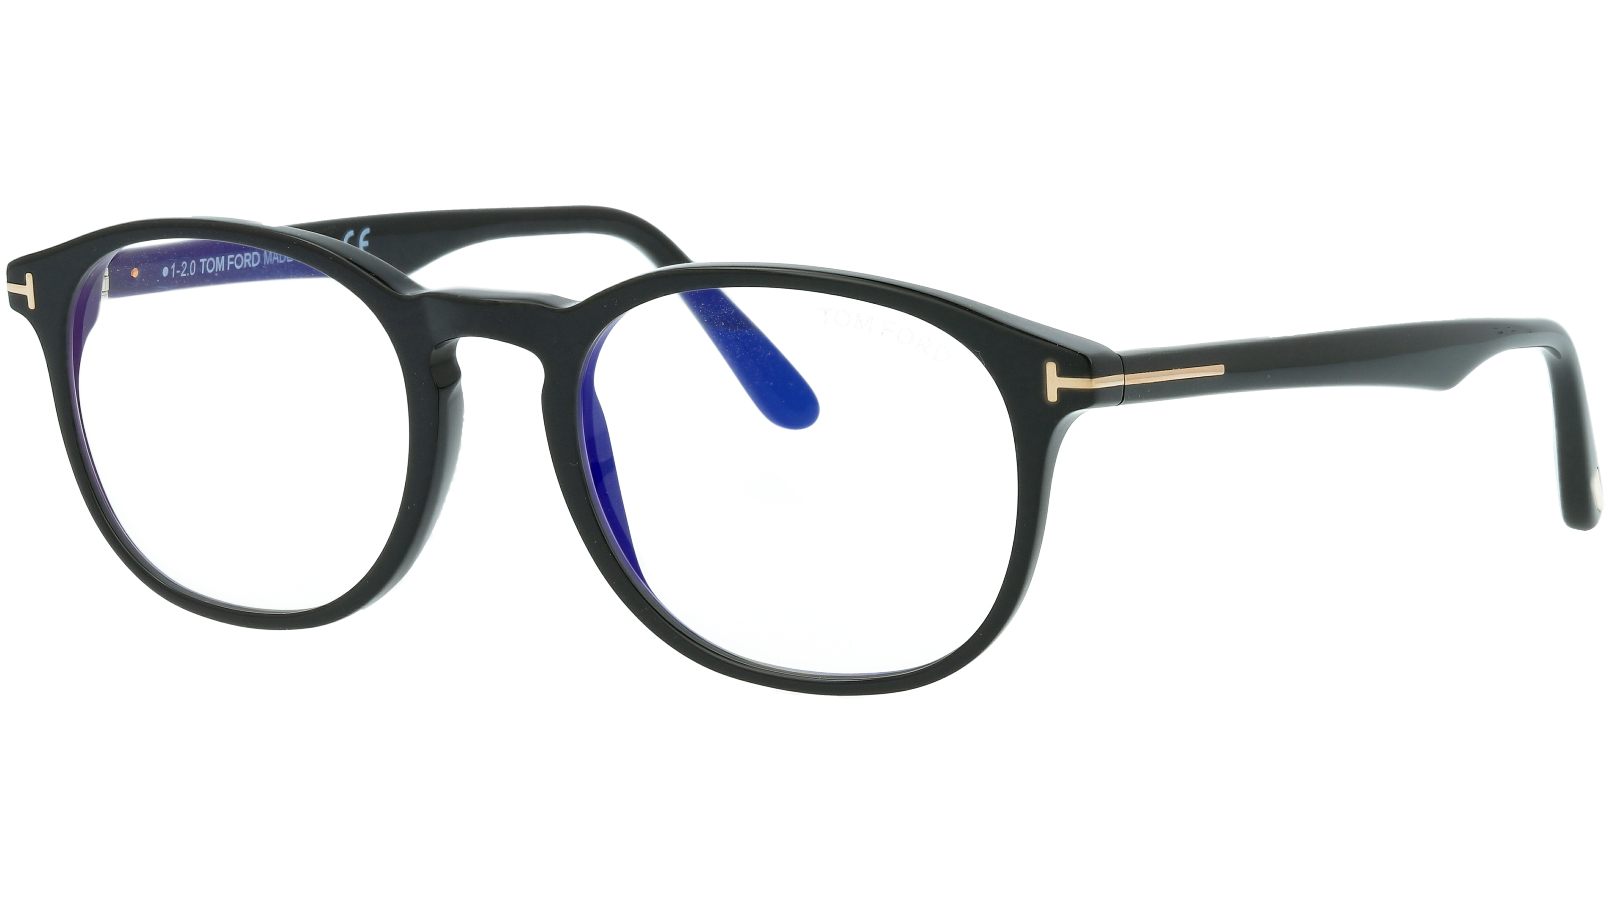 TOM FORD FT5680-B 001 51 SHINY Glasses